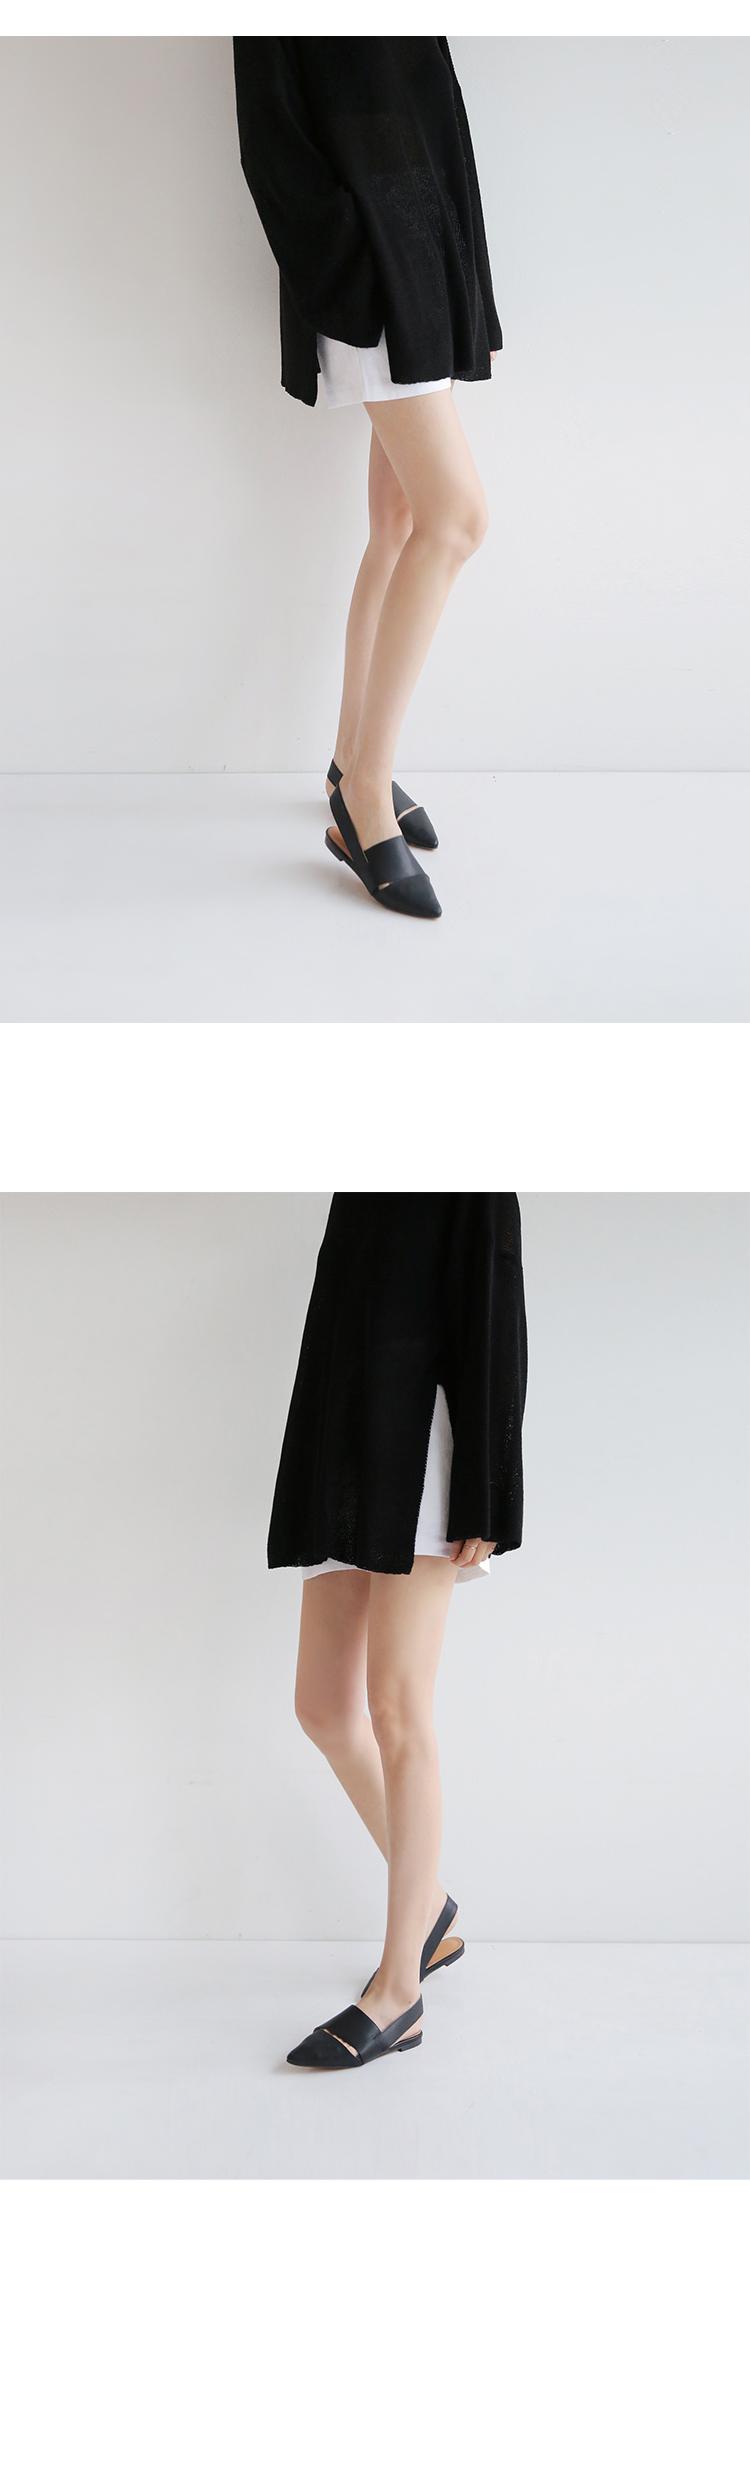 Annie Brin 1cm